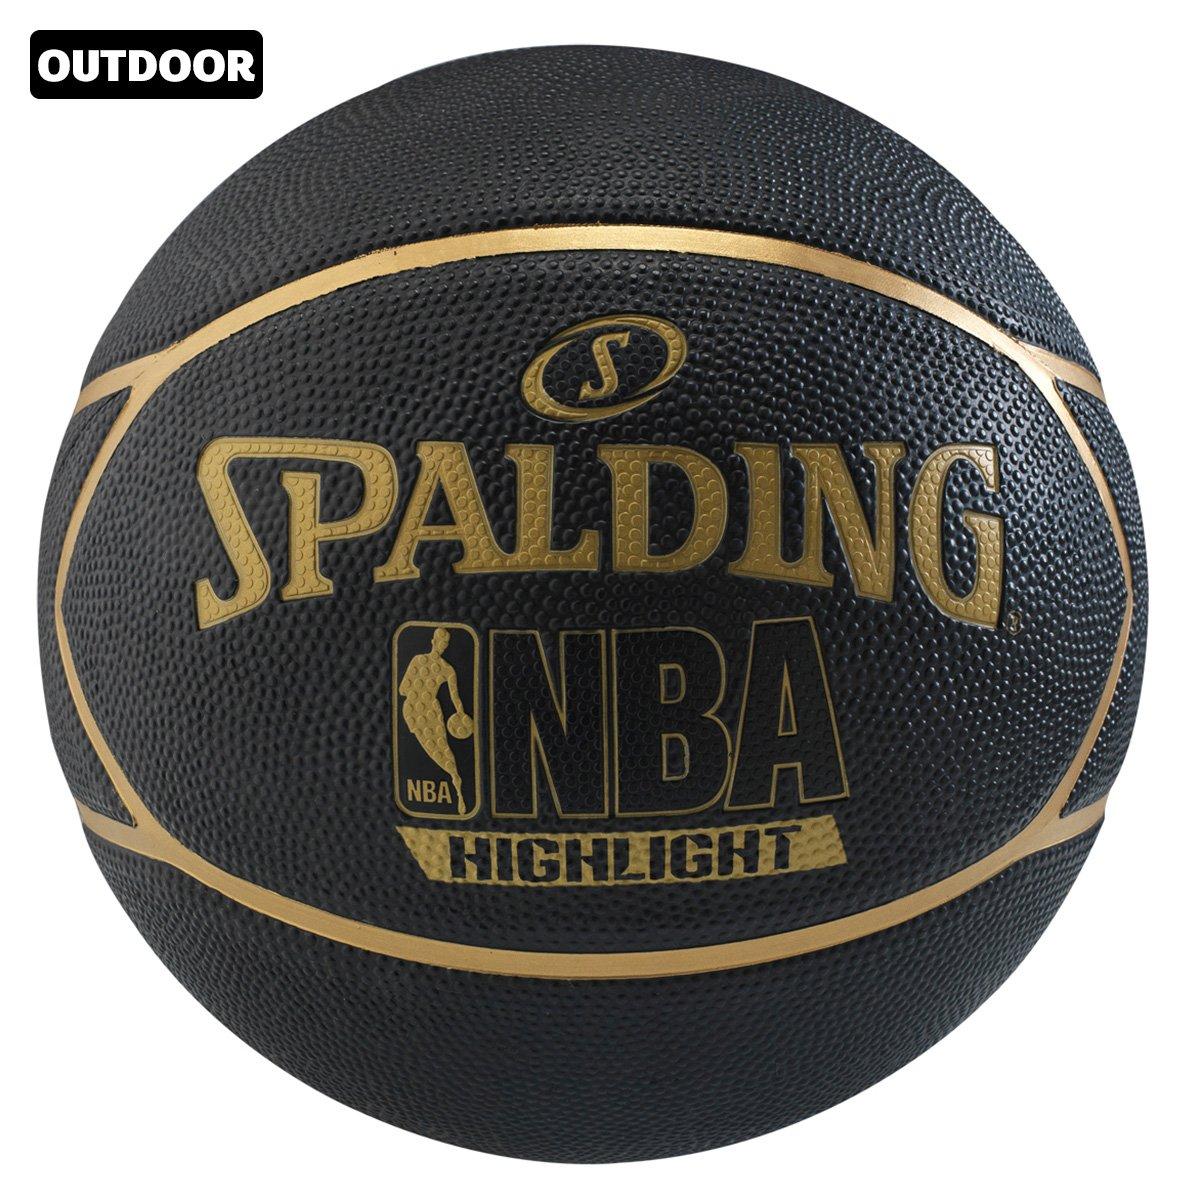 Bola Basquete Spalding Highlight Gold - Compre Agora  26d29c01e93f7